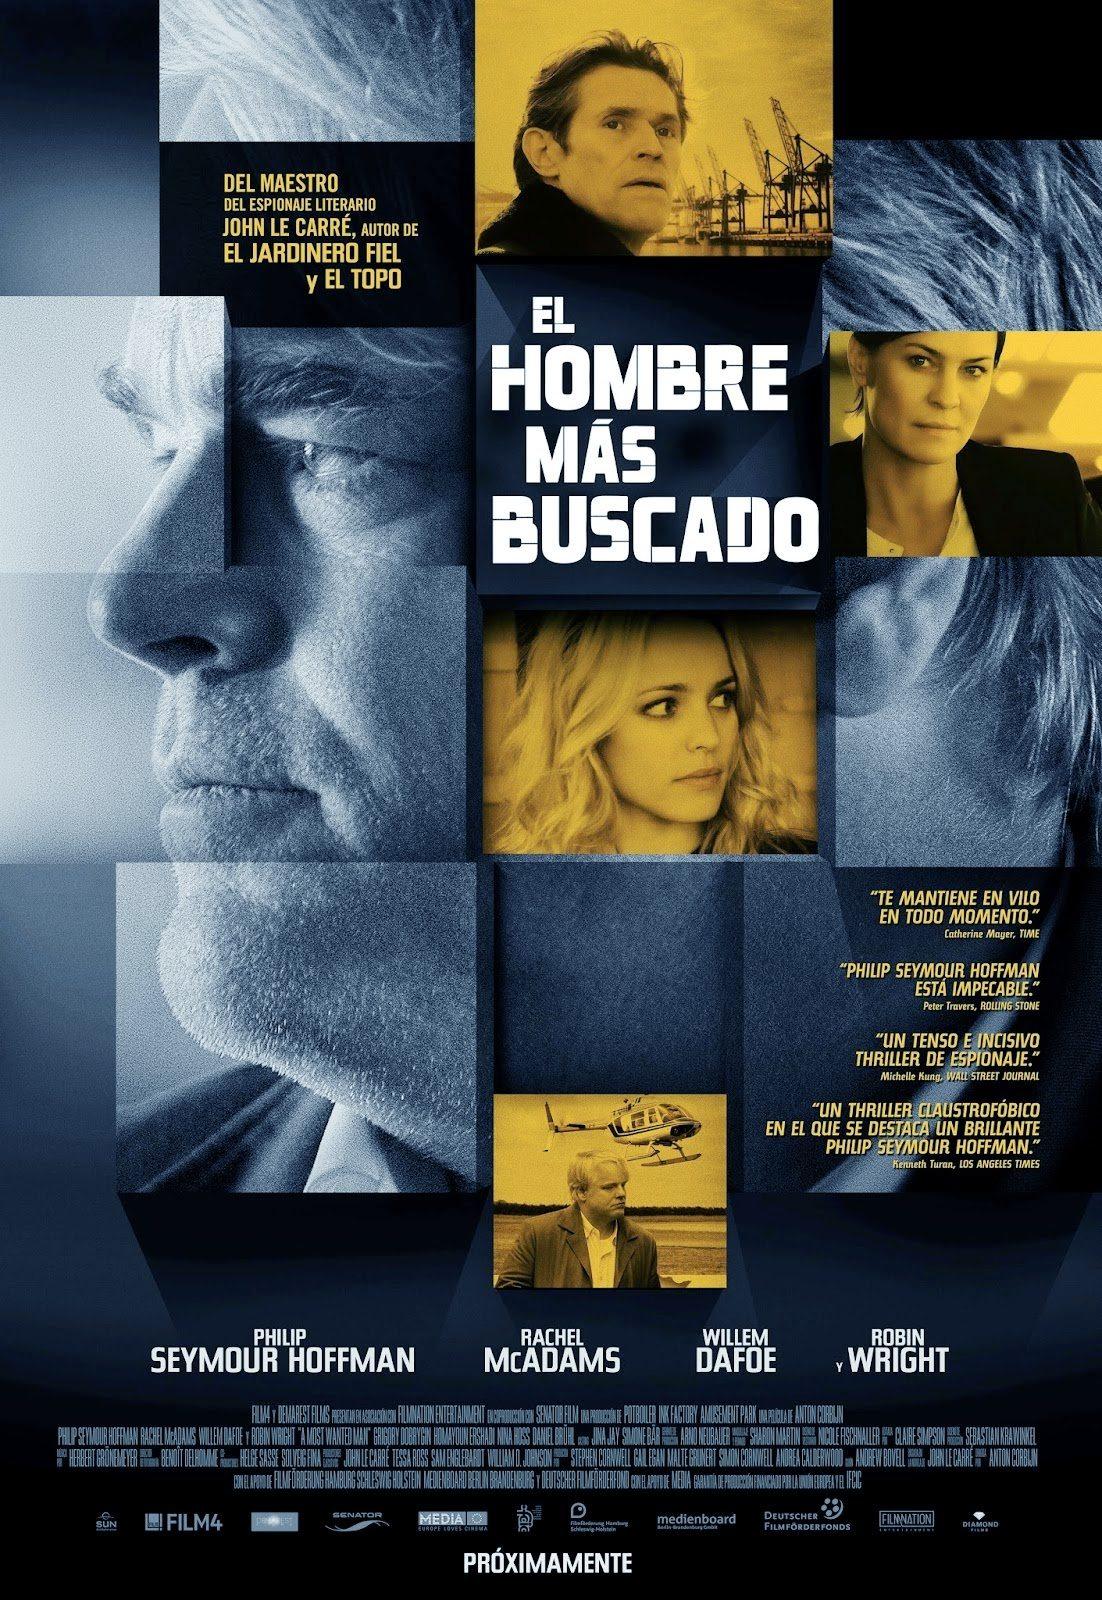 El hombre más buscado | Cinemanet